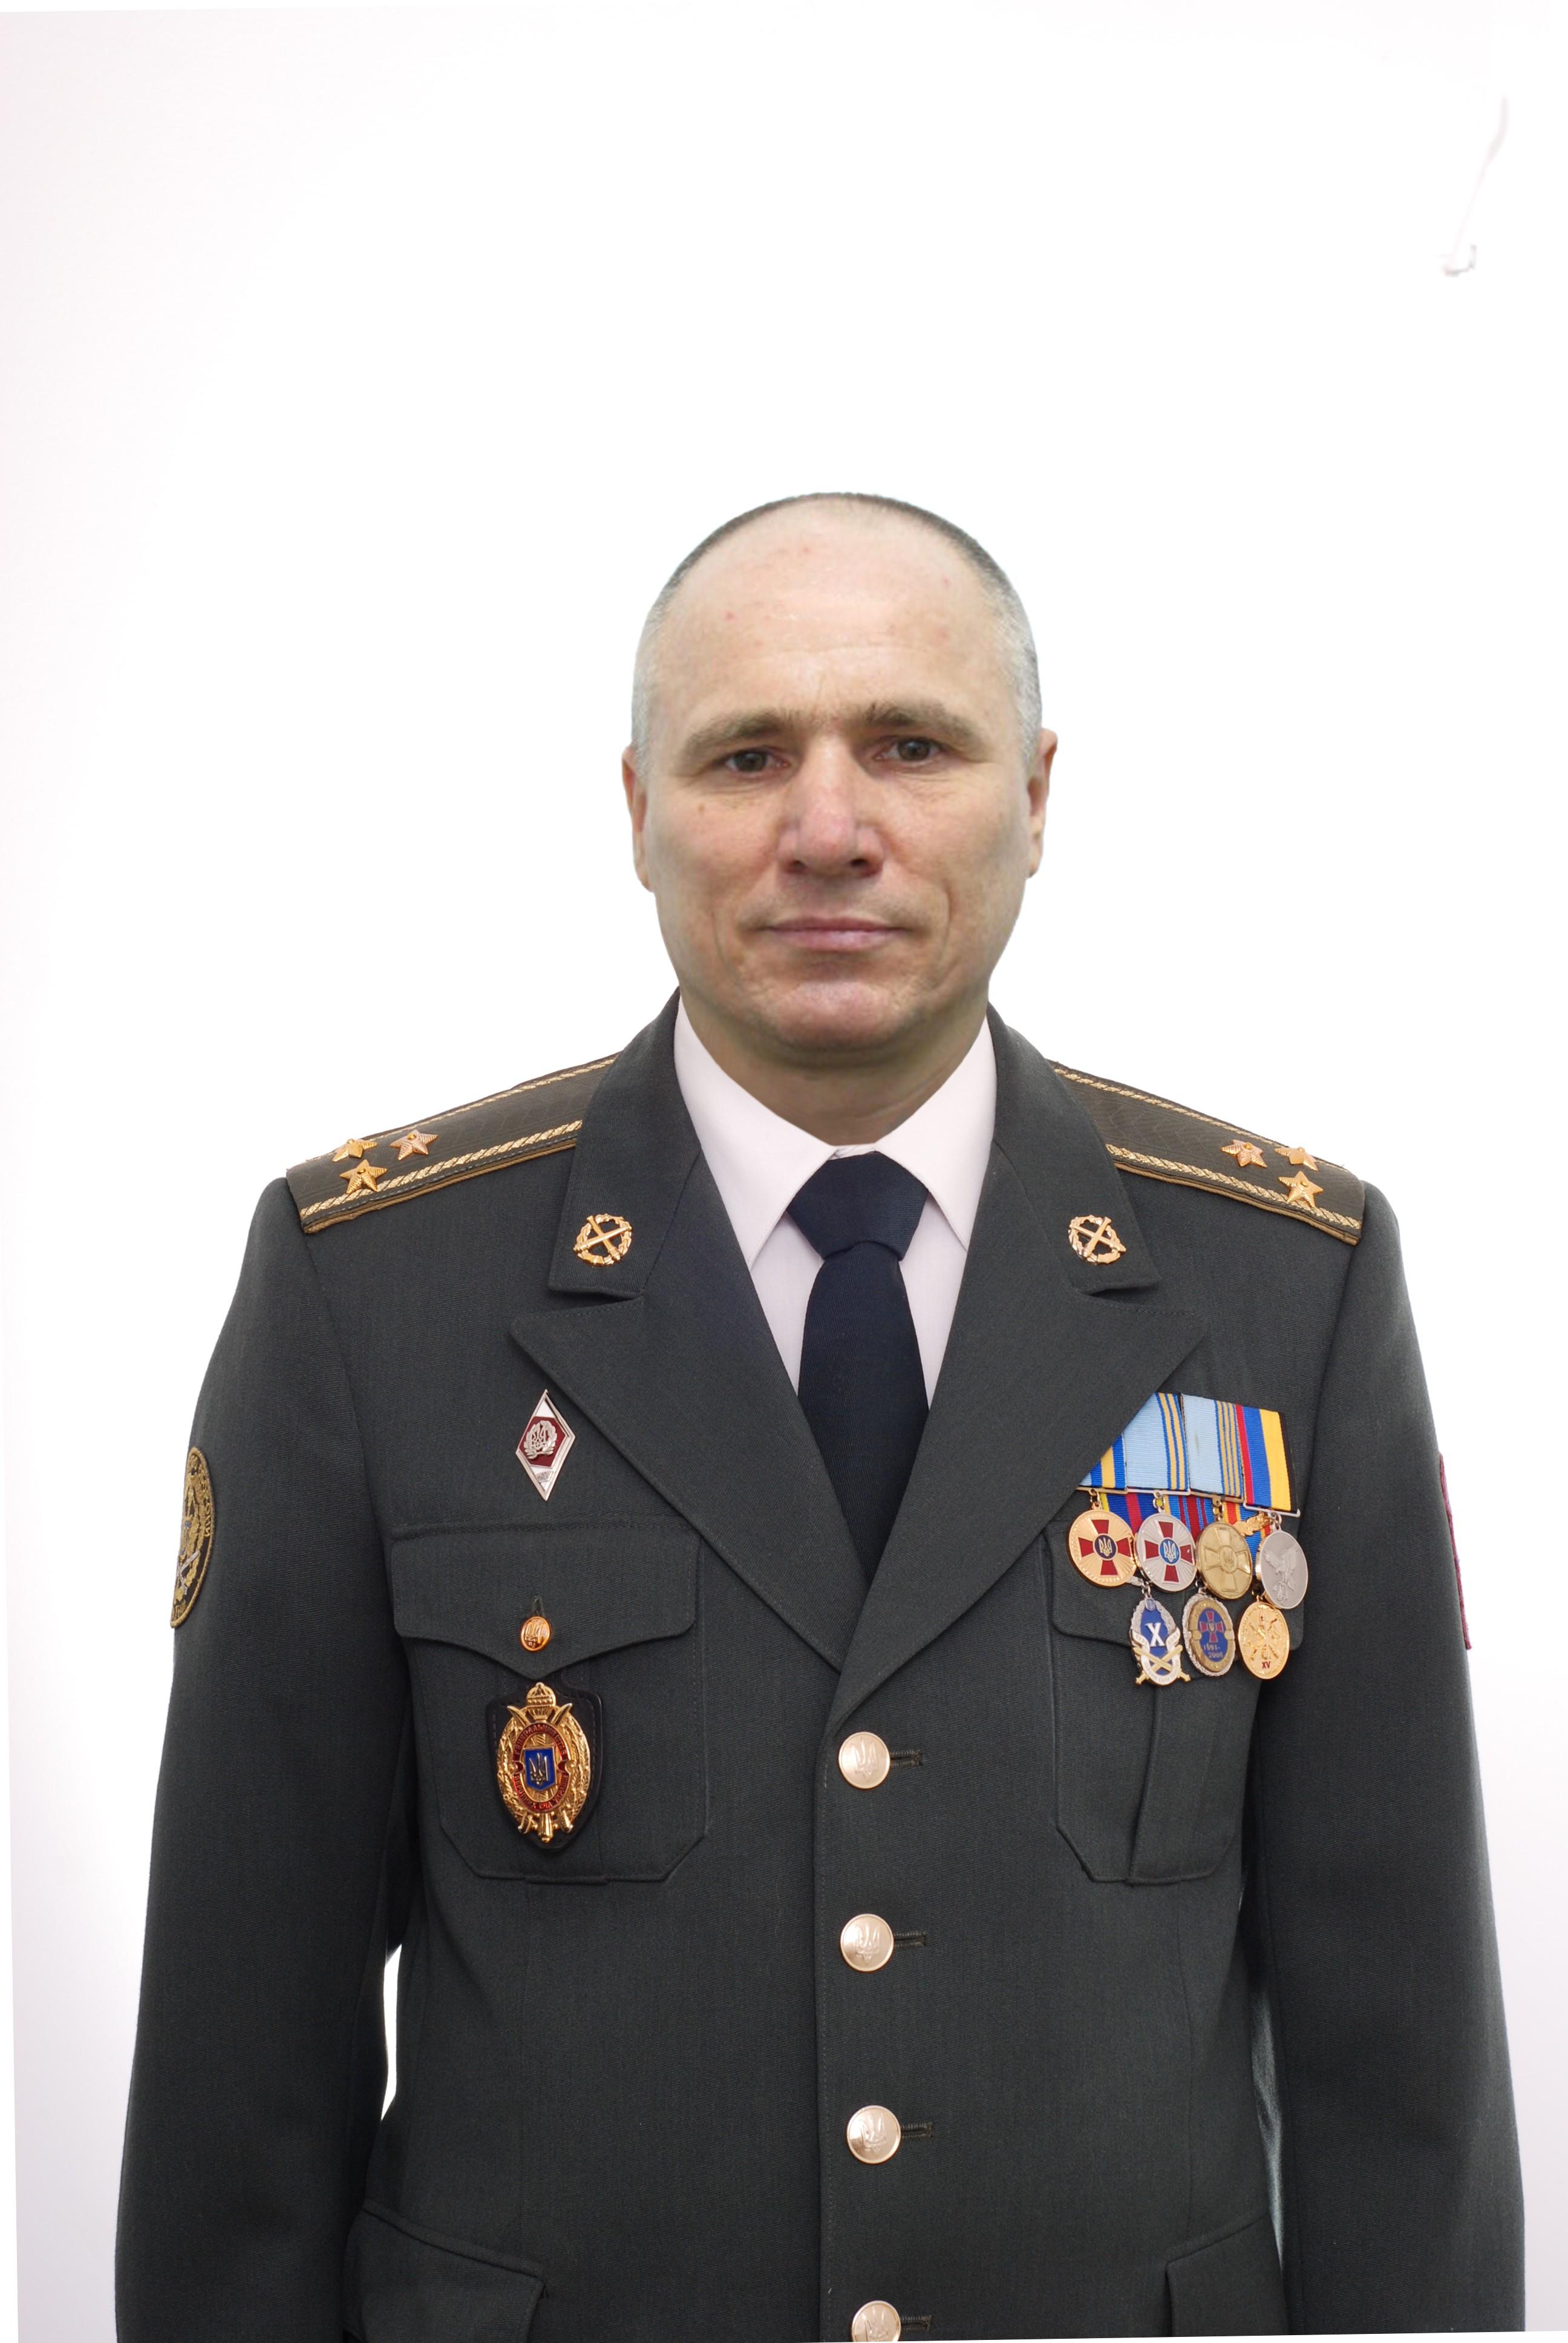 Стало известно, за что суд приговорил киевлянина к пожизненному